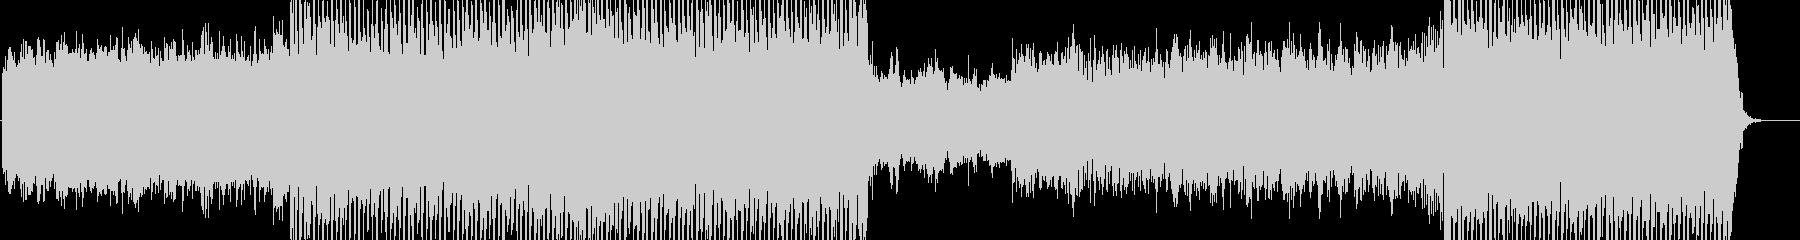 近未来的なエレクトロニカインスト曲の未再生の波形